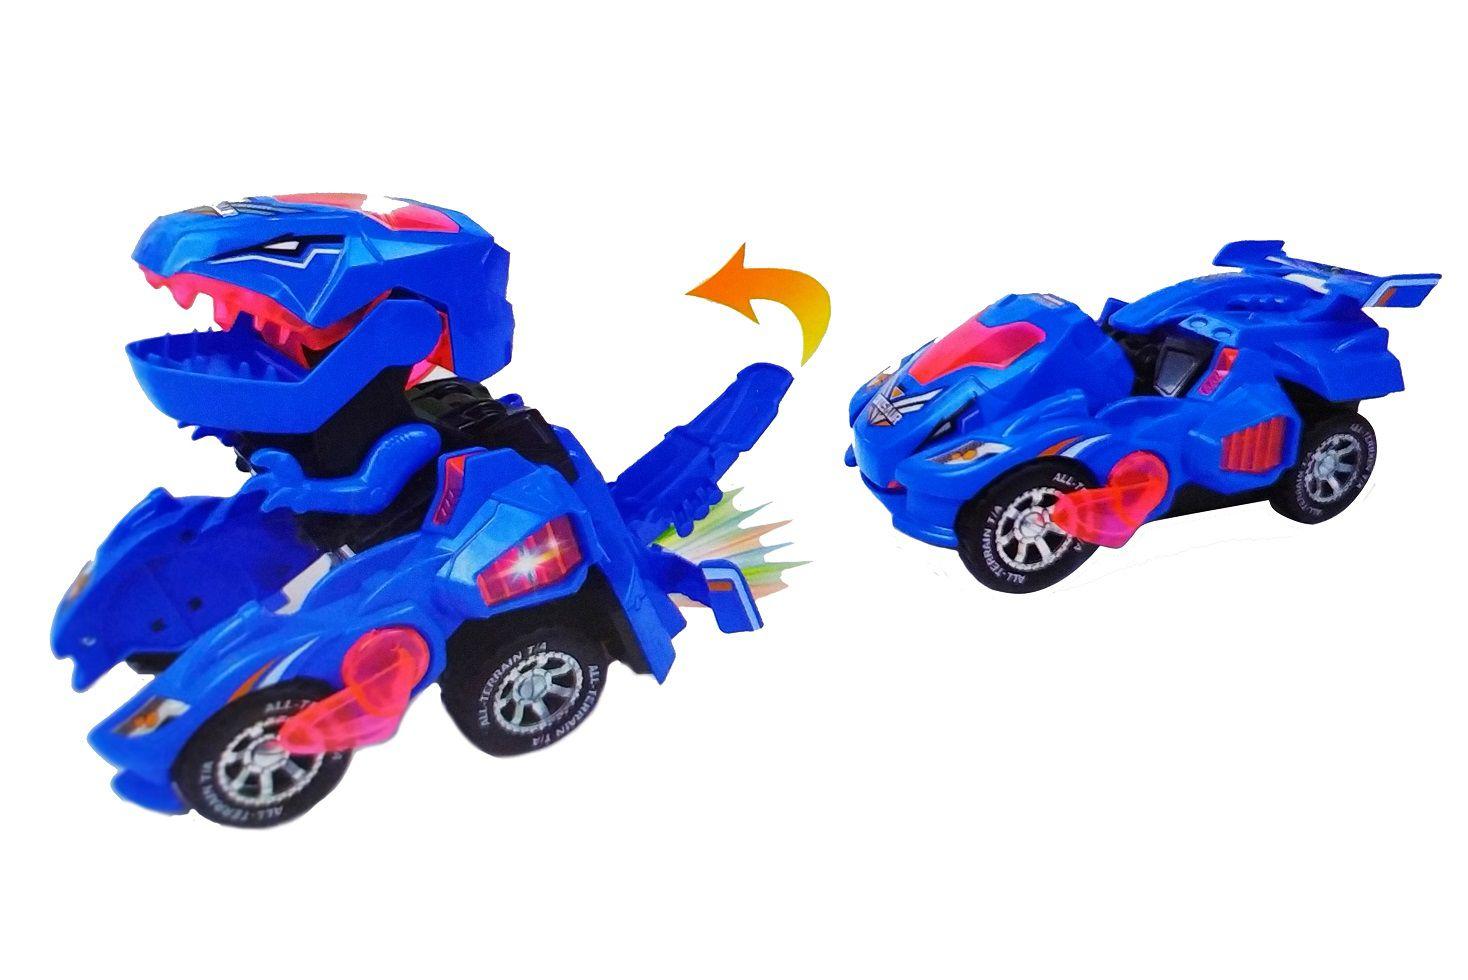 Carrinho Transformers Dinossauro Tiranossauro Bate e Volta com Sons Luz - Azul